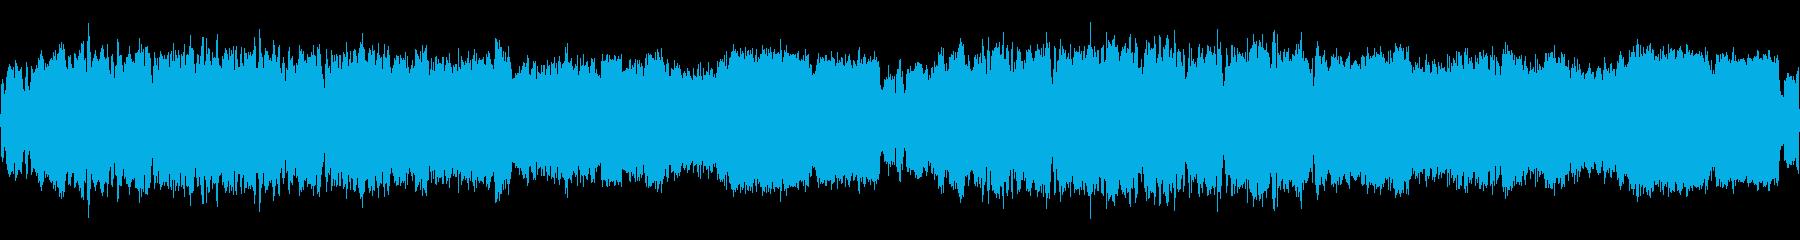 ループ可/ファンタジー系のストリングスの再生済みの波形